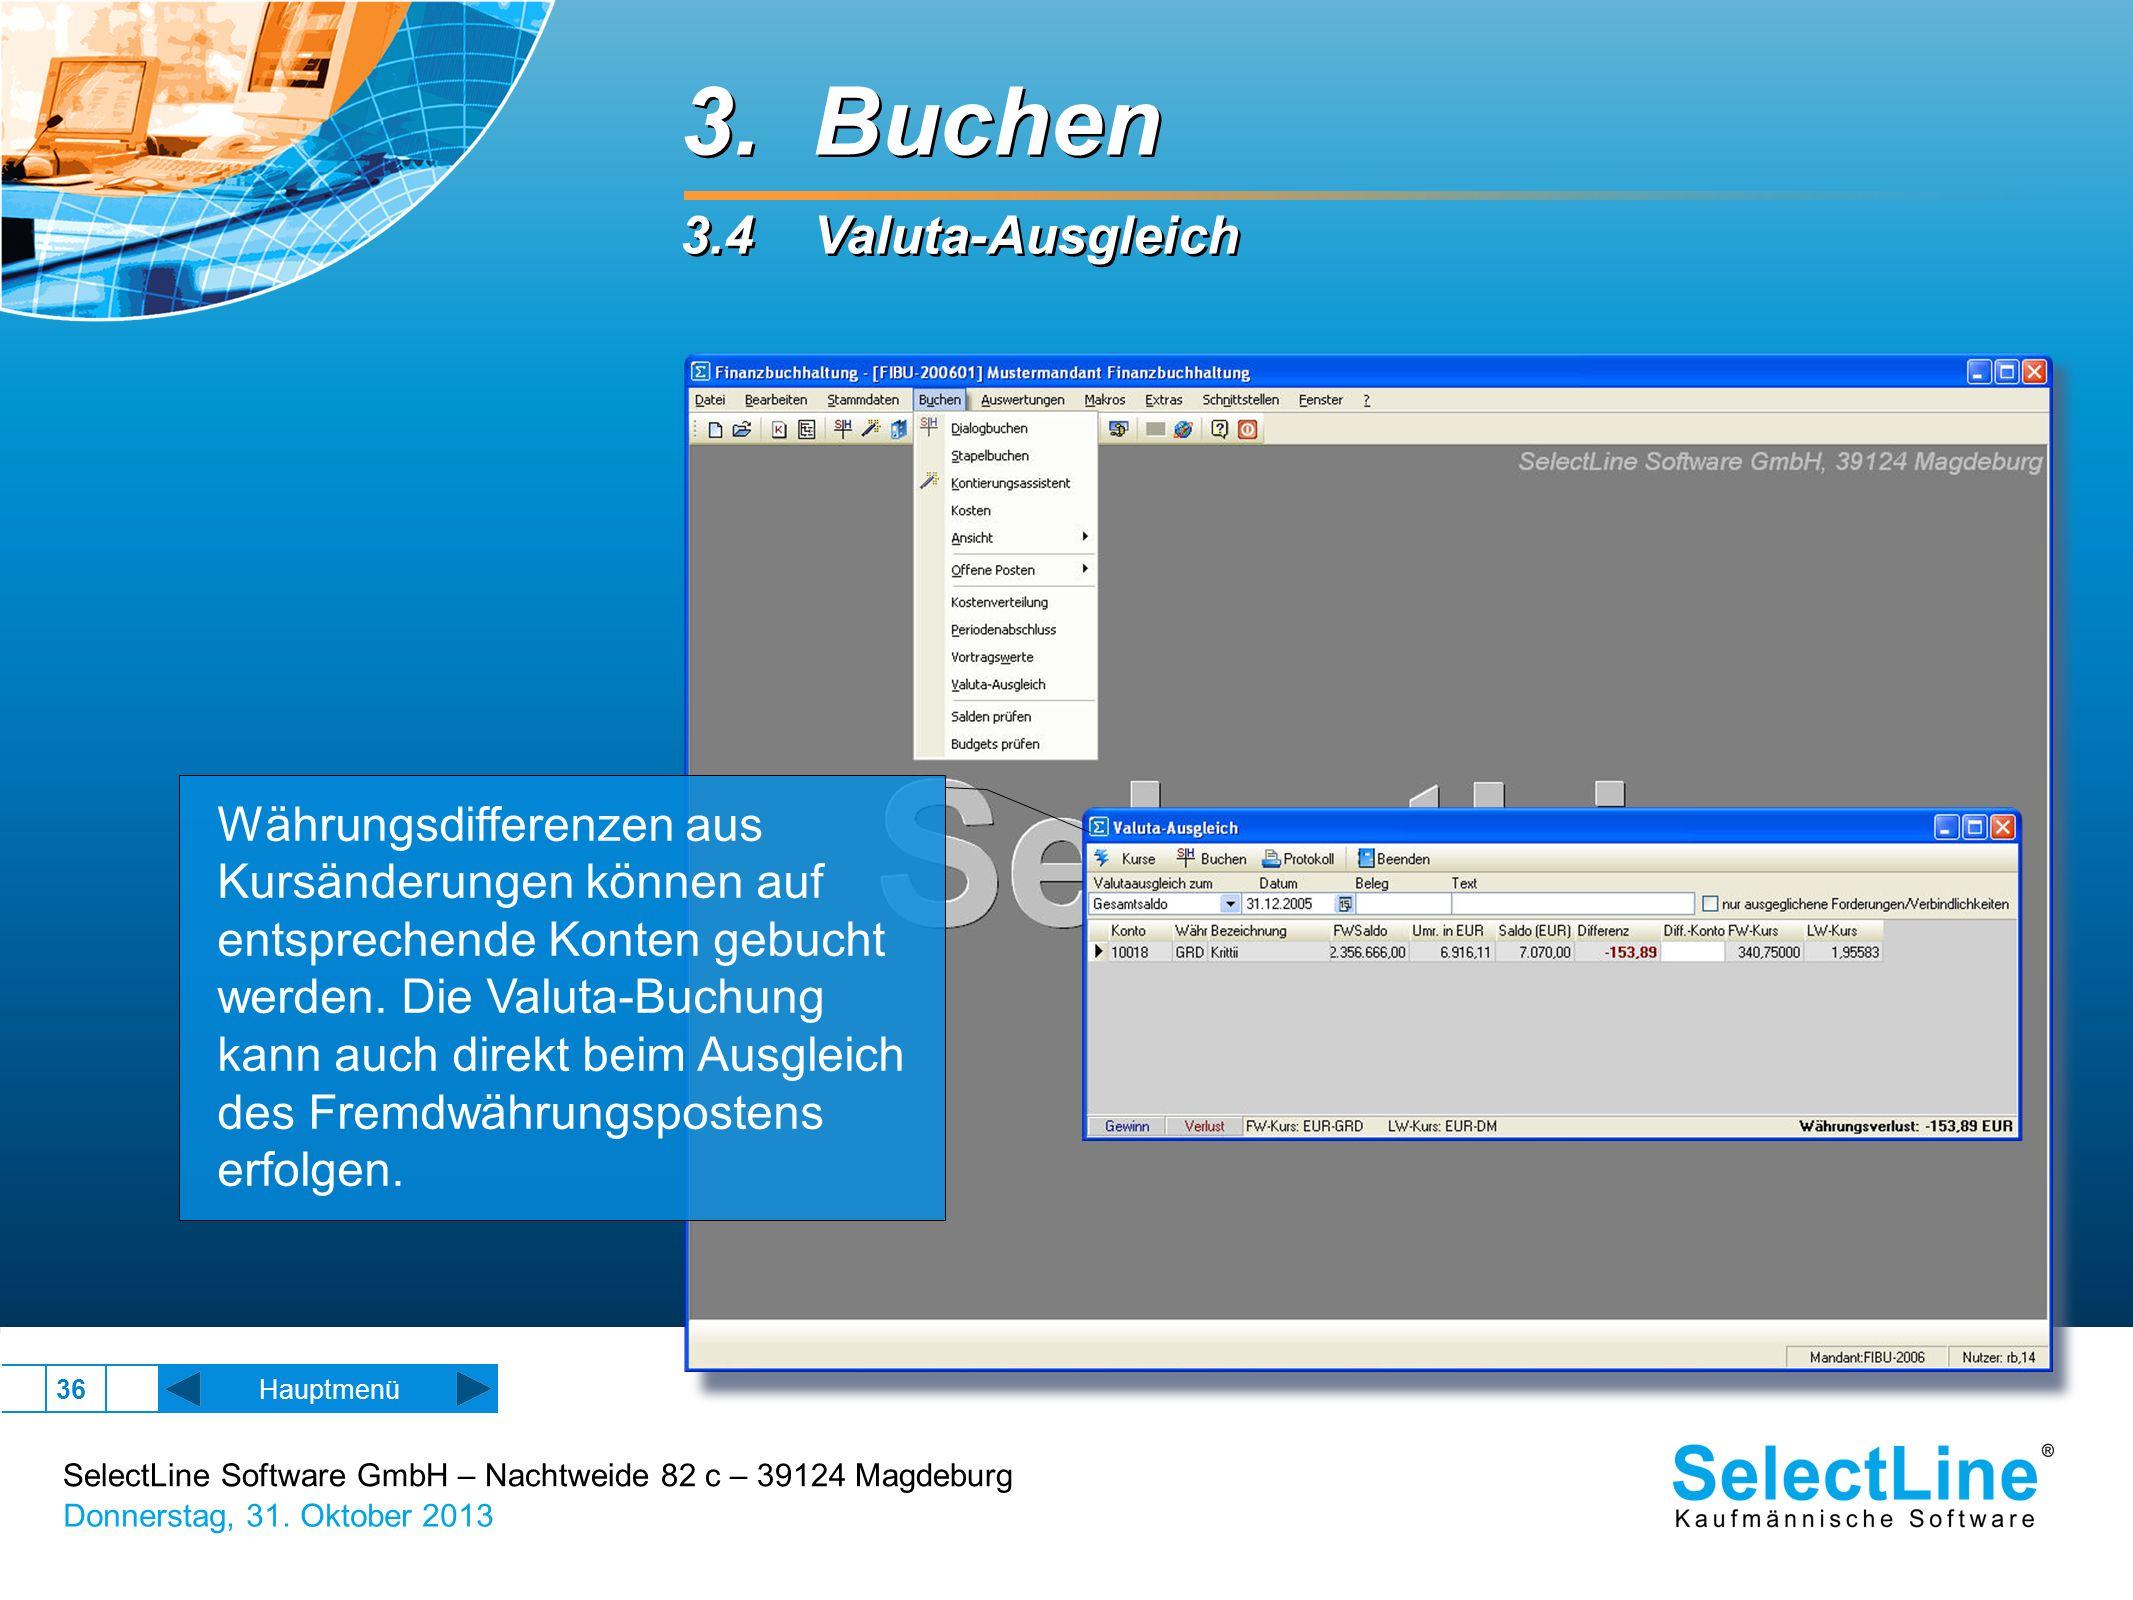 SelectLine Software GmbH – Nachtweide 82 c – 39124 Magdeburg Donnerstag, 31. Oktober 2013 36 Hauptmenü 3. Buchen 3.4 Valuta-Ausgleich 3. Buchen 3.4 Va